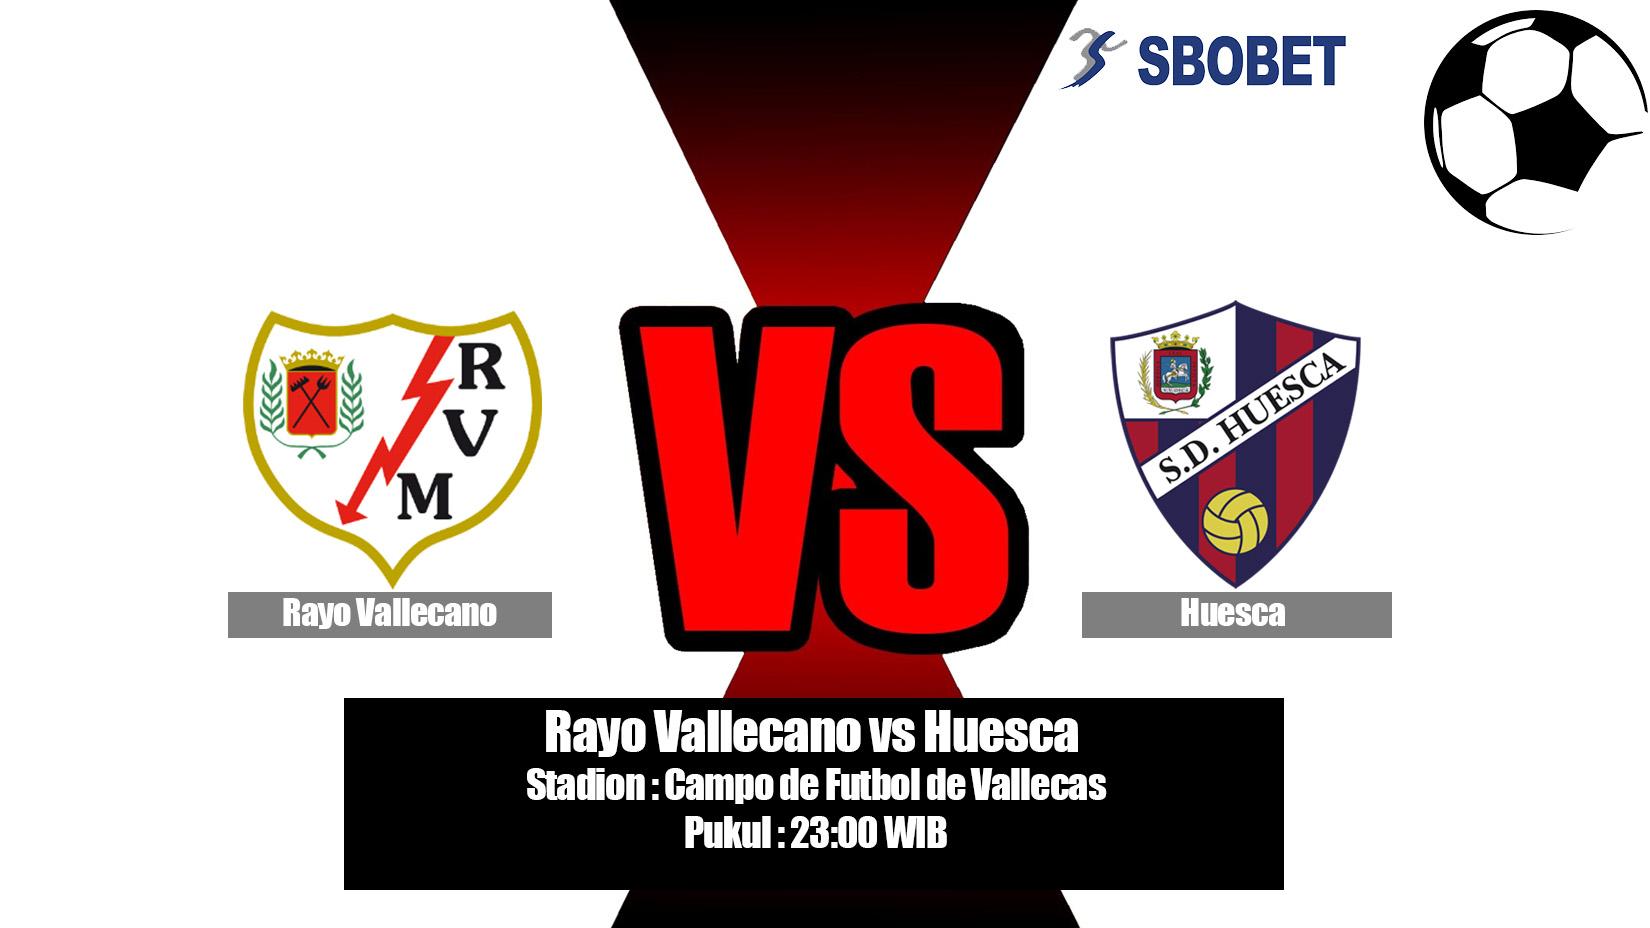 Prediksi Bola Rayo Vallecano vs Huesca 20 April 2019